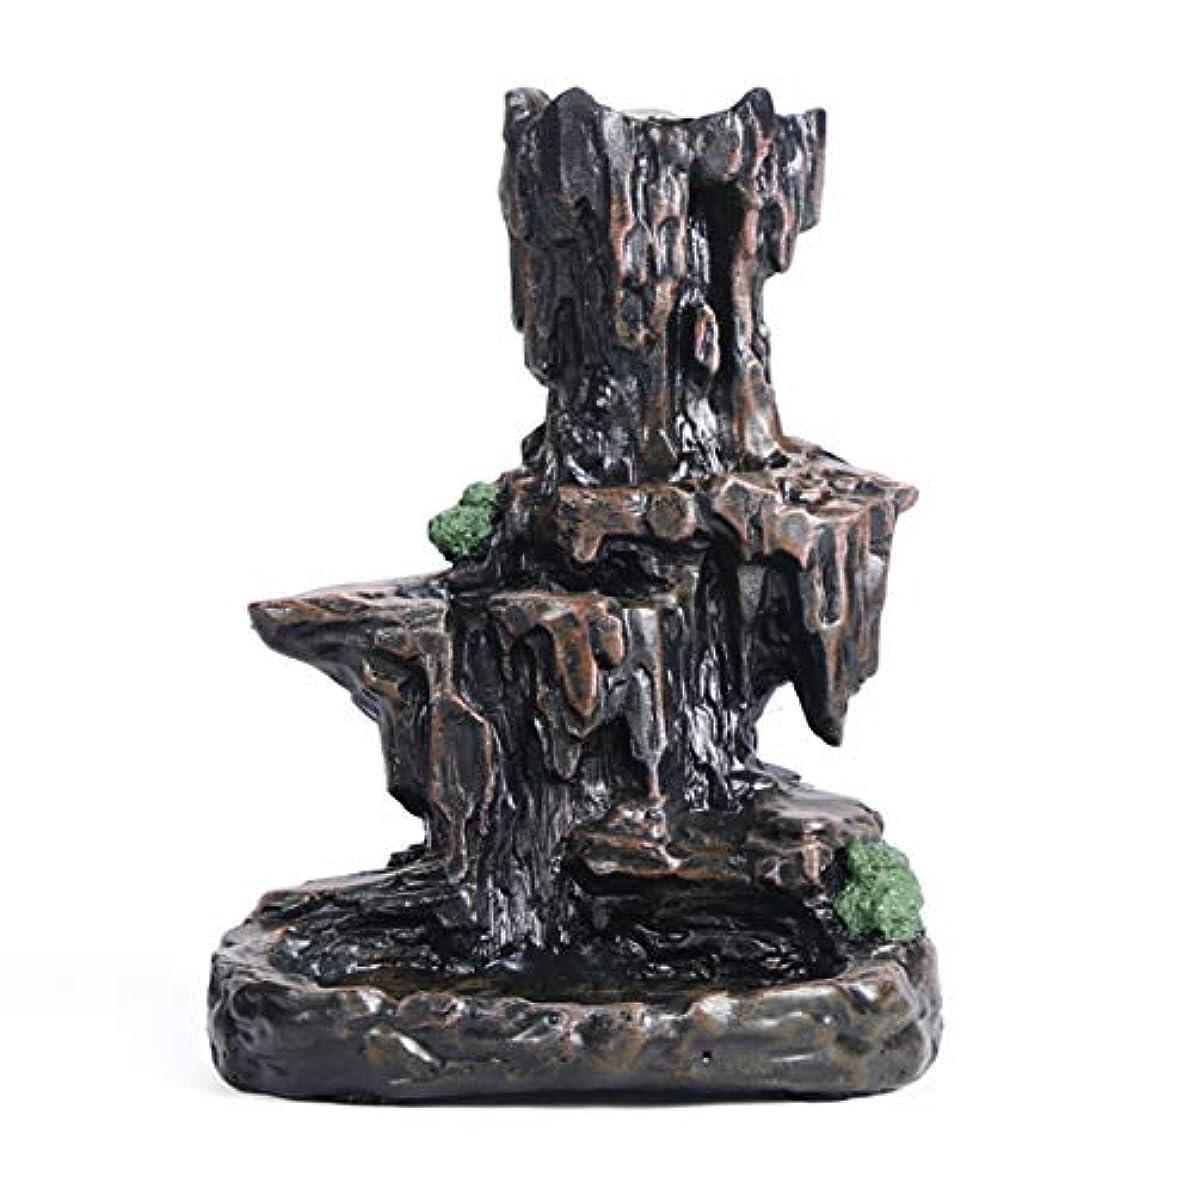 する必要があるモニカイソギンチャク逆流香バーナー香スティックコイルホルダーRockeryマウンテンストリーム香りの香炉の装飾